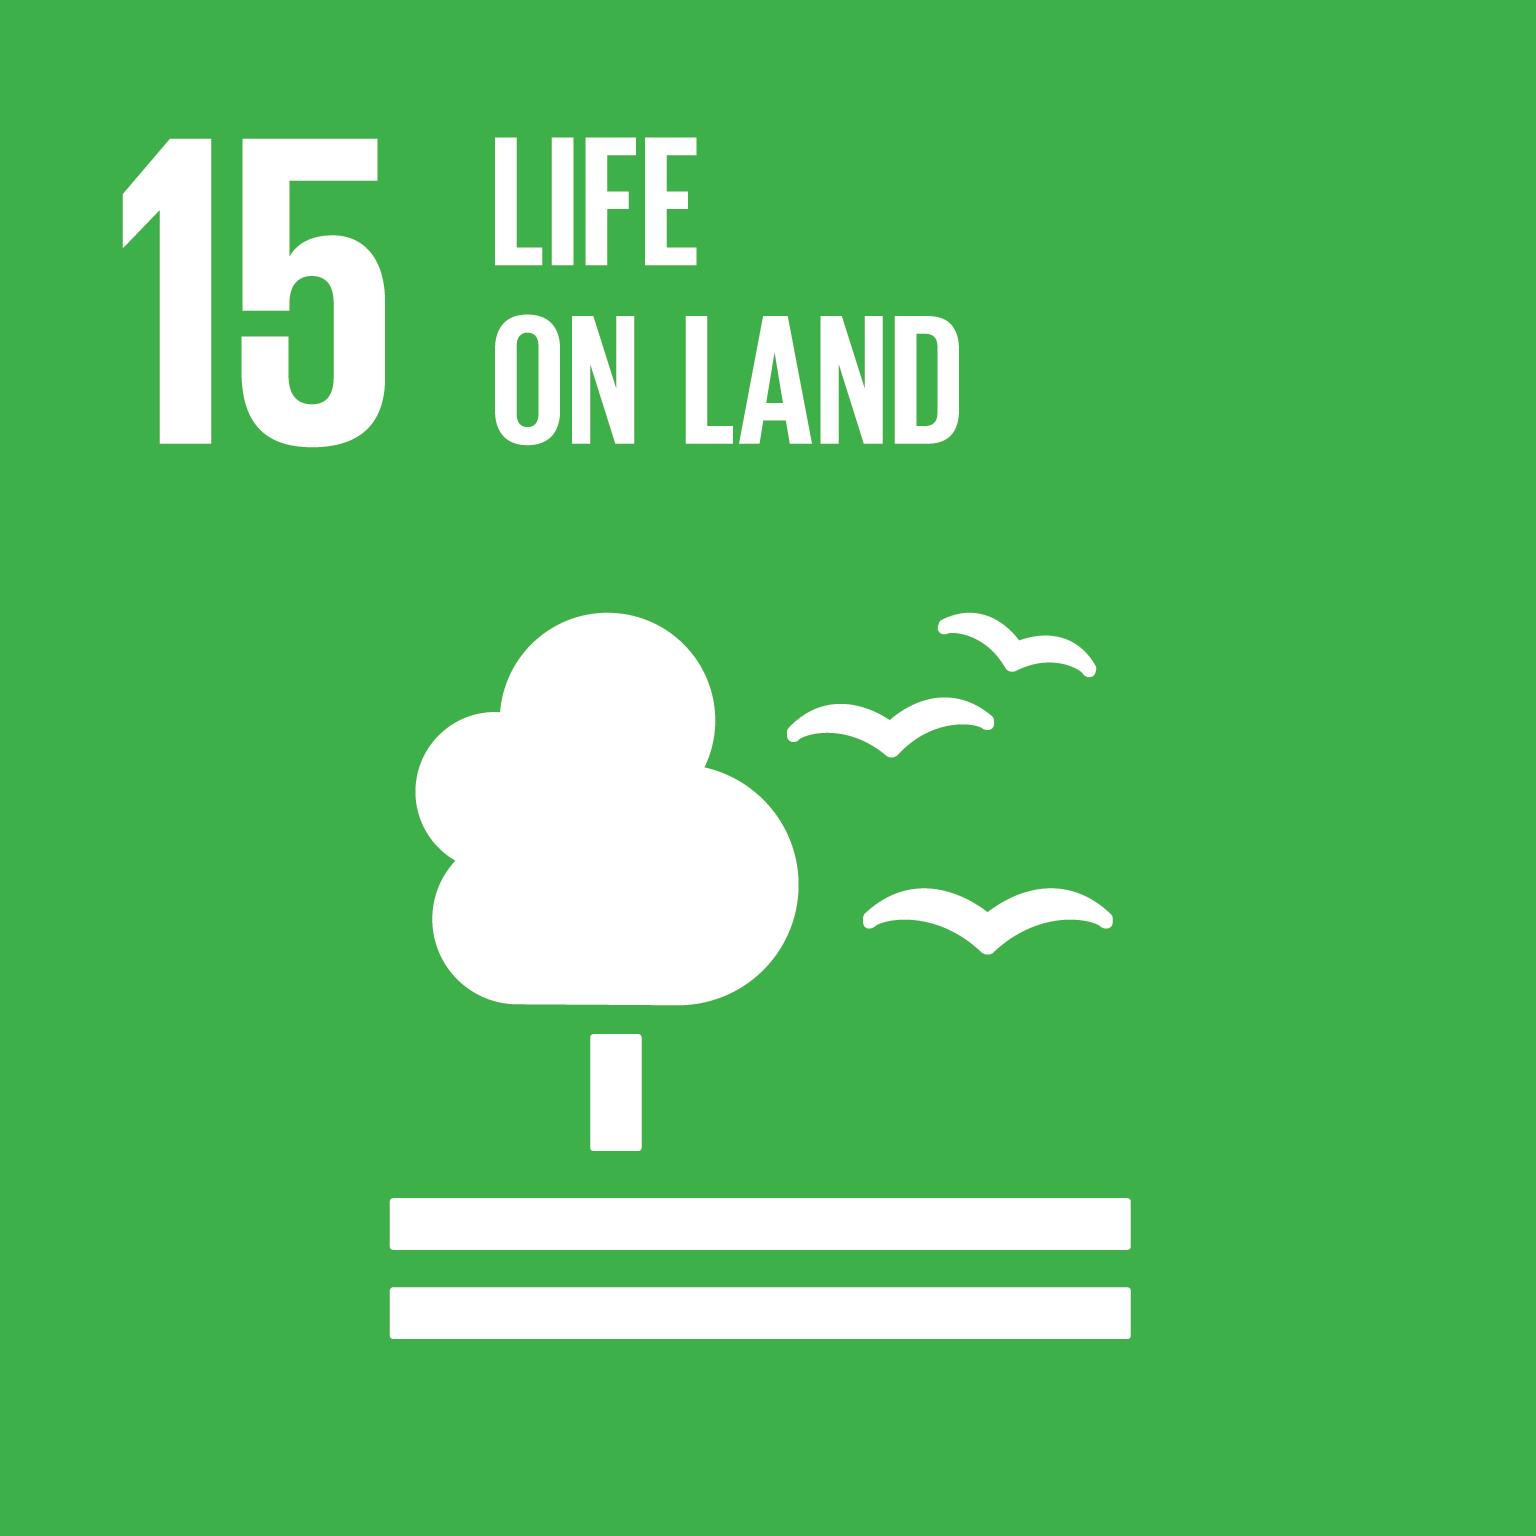 SDG GOAL 15: Life on Land